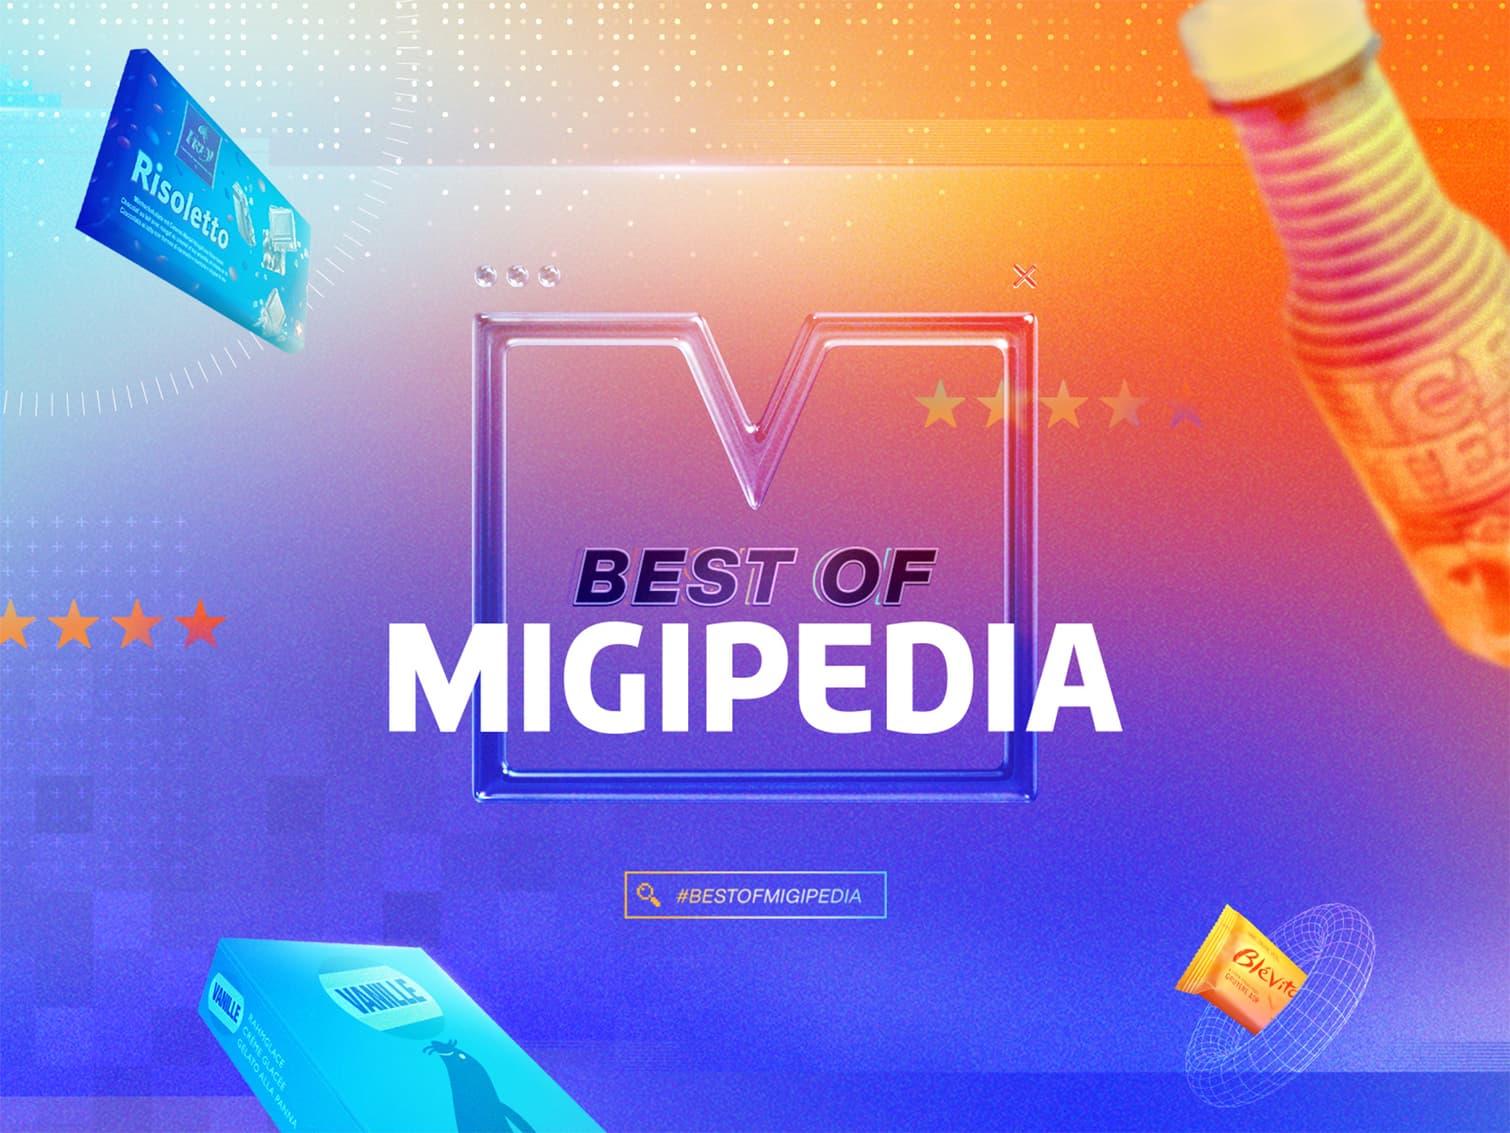 Best of Migipedia